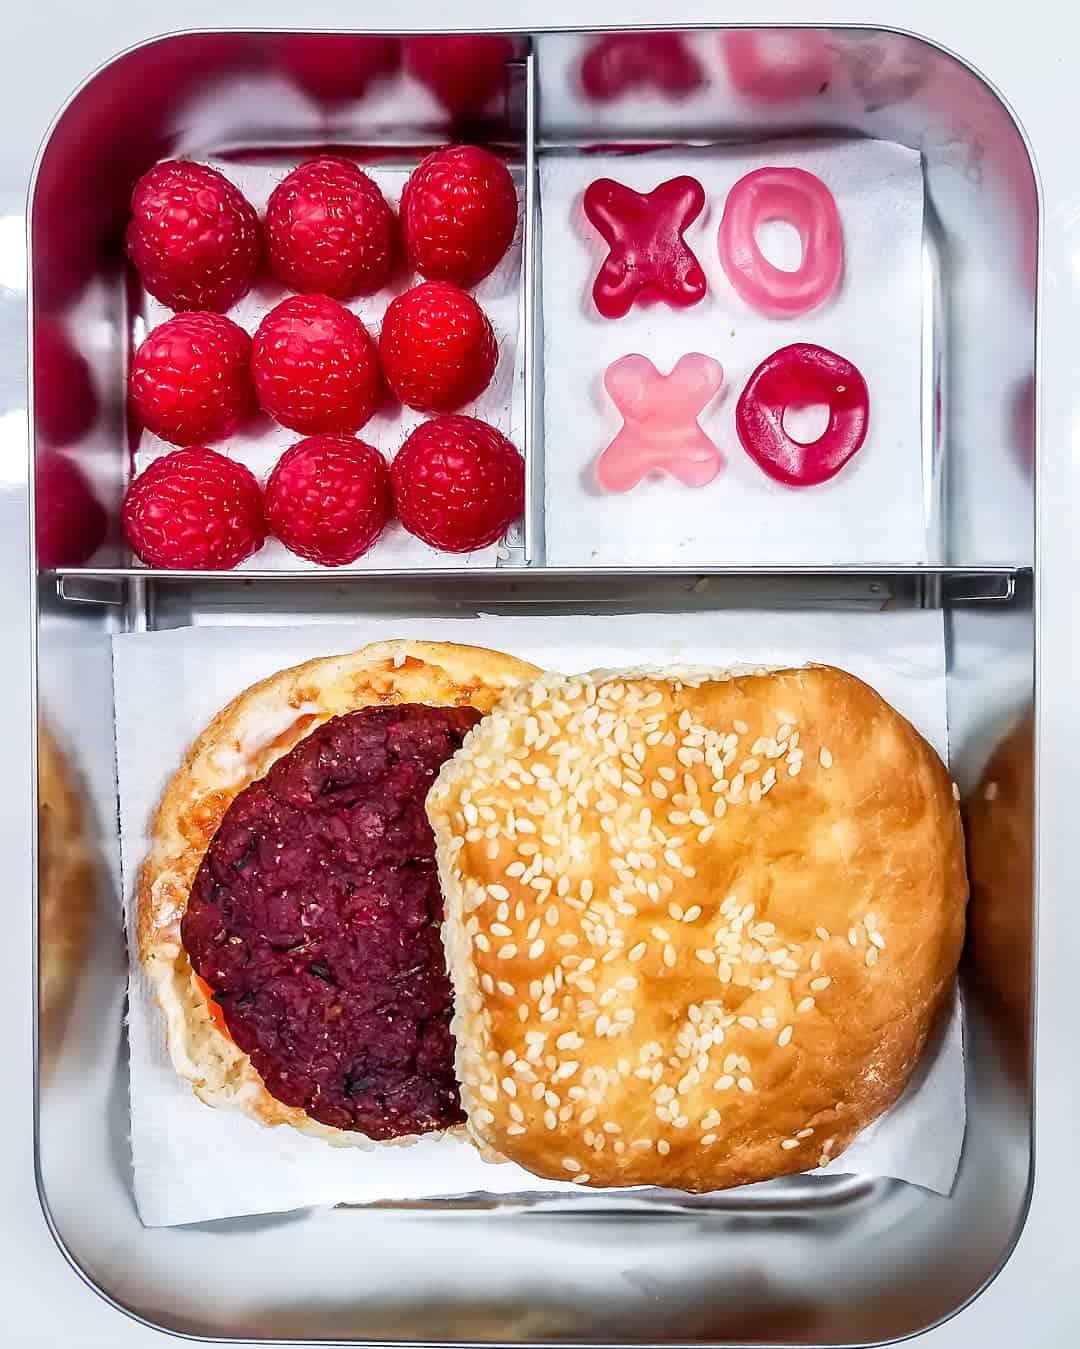 Beetroot Burger, Raspberries and gummies